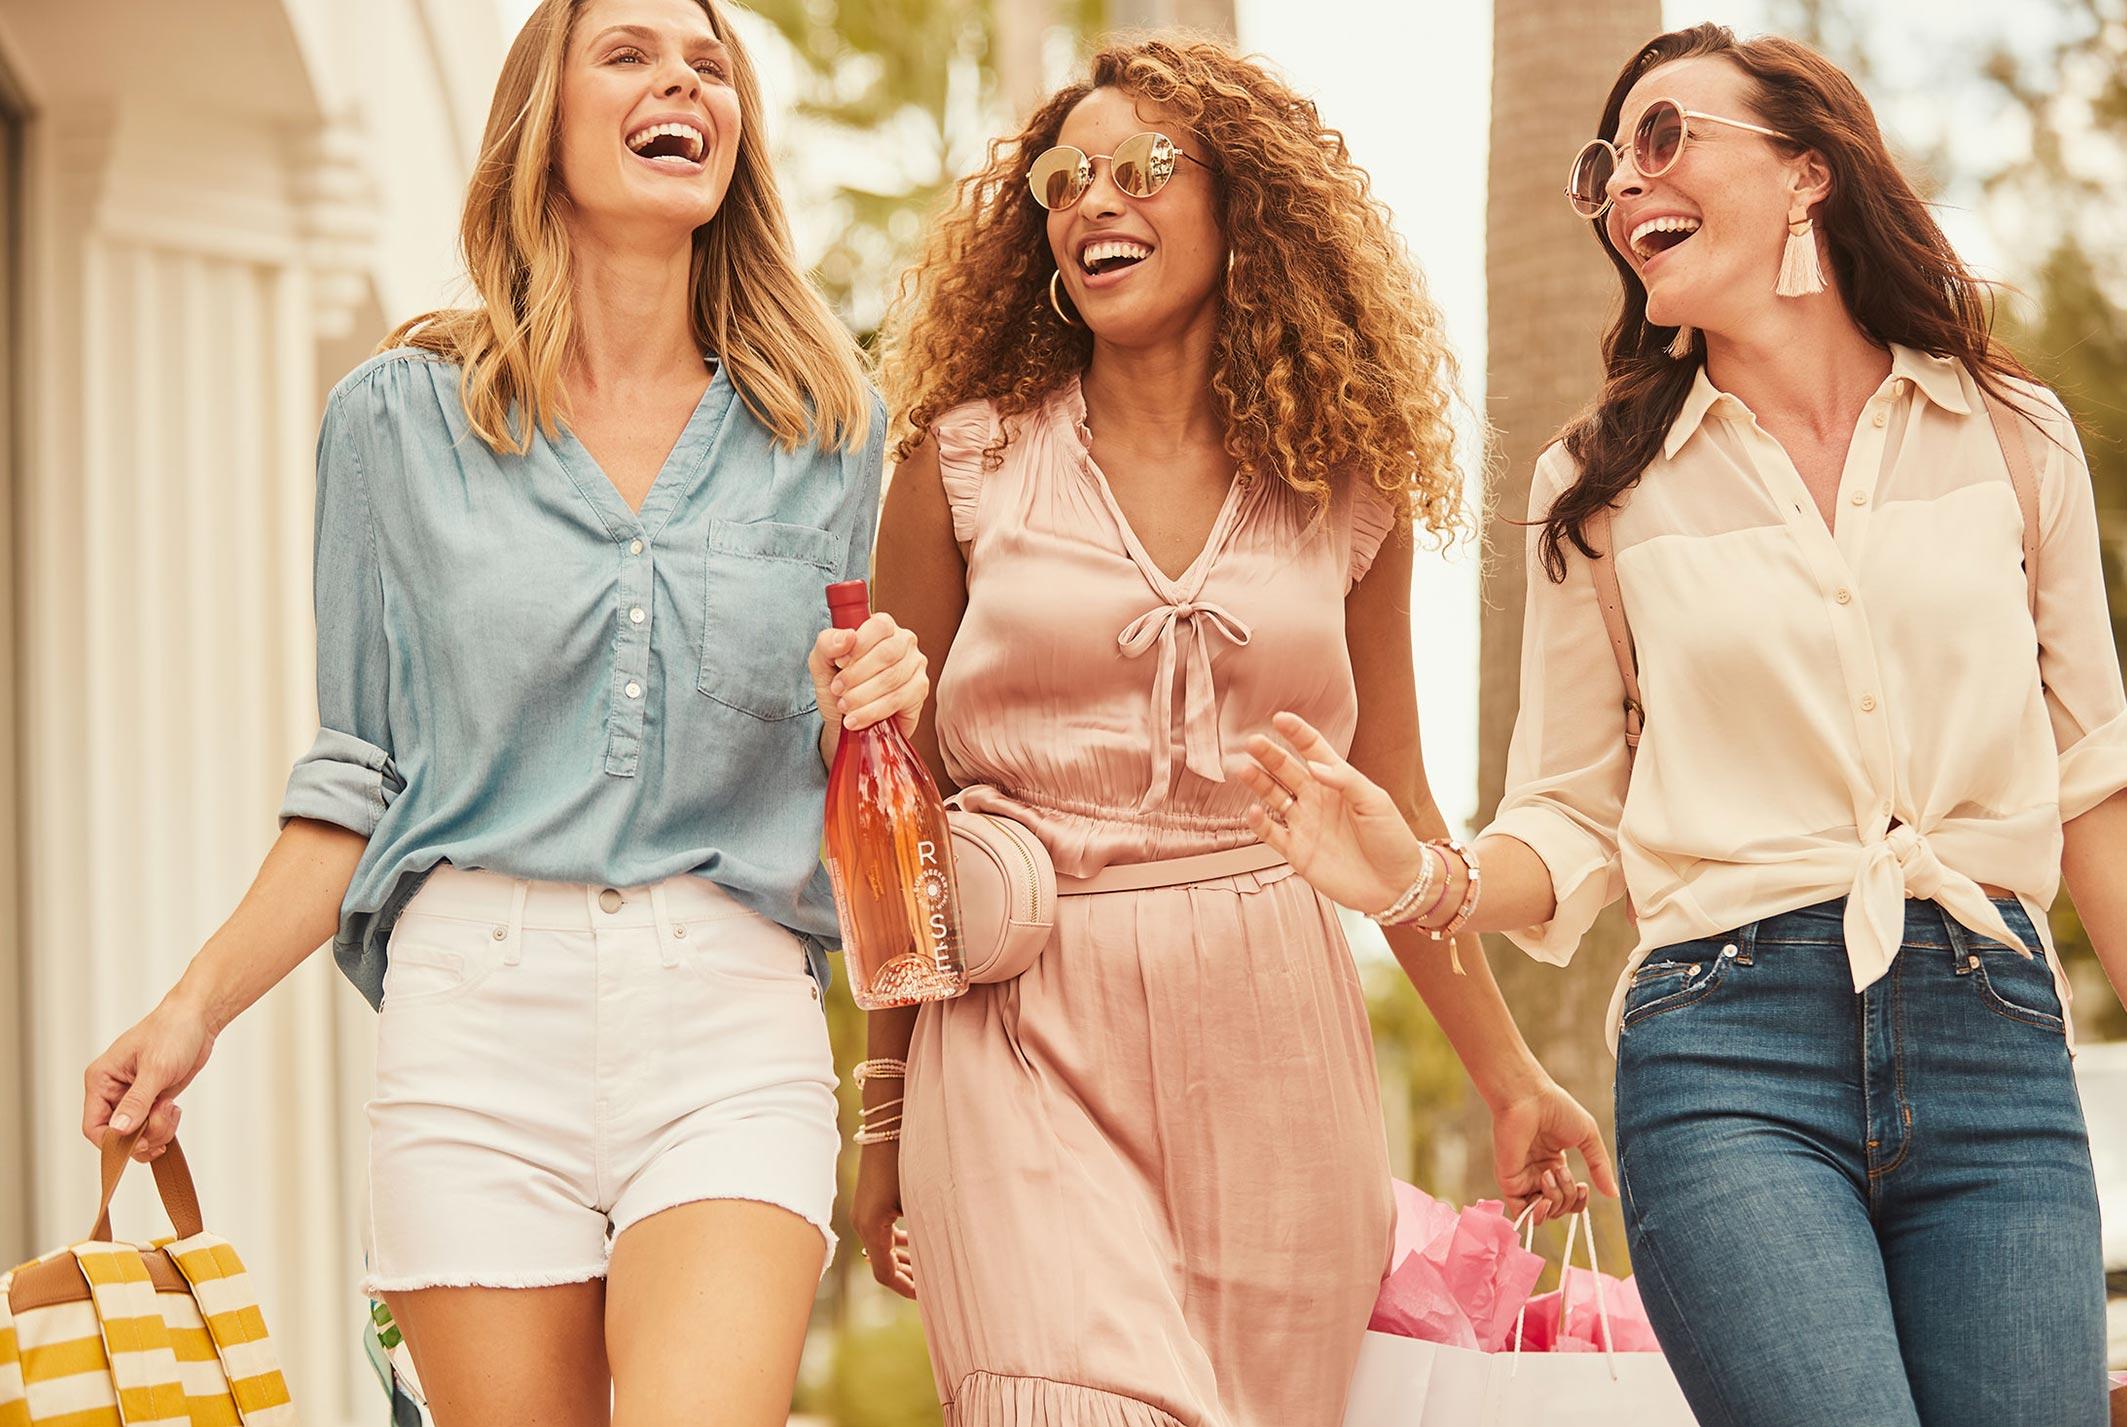 рекламная кампания вина Sunseeker Rose / фото 15